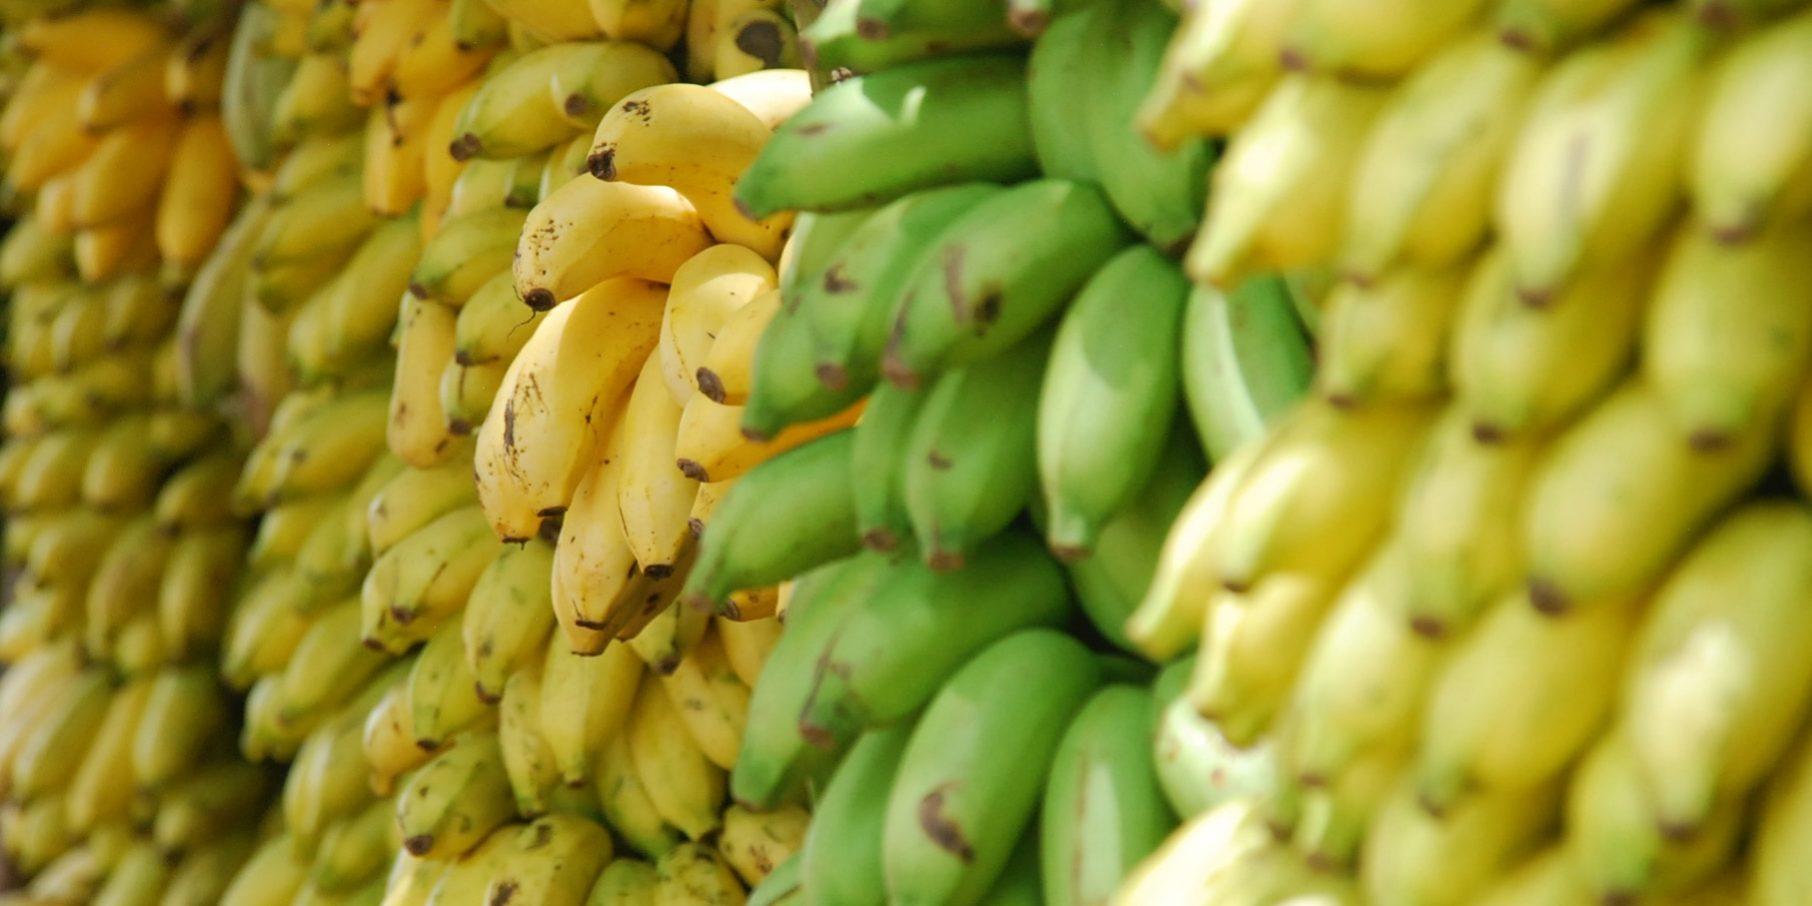 What to Buy at Trader Joe's: Bananas